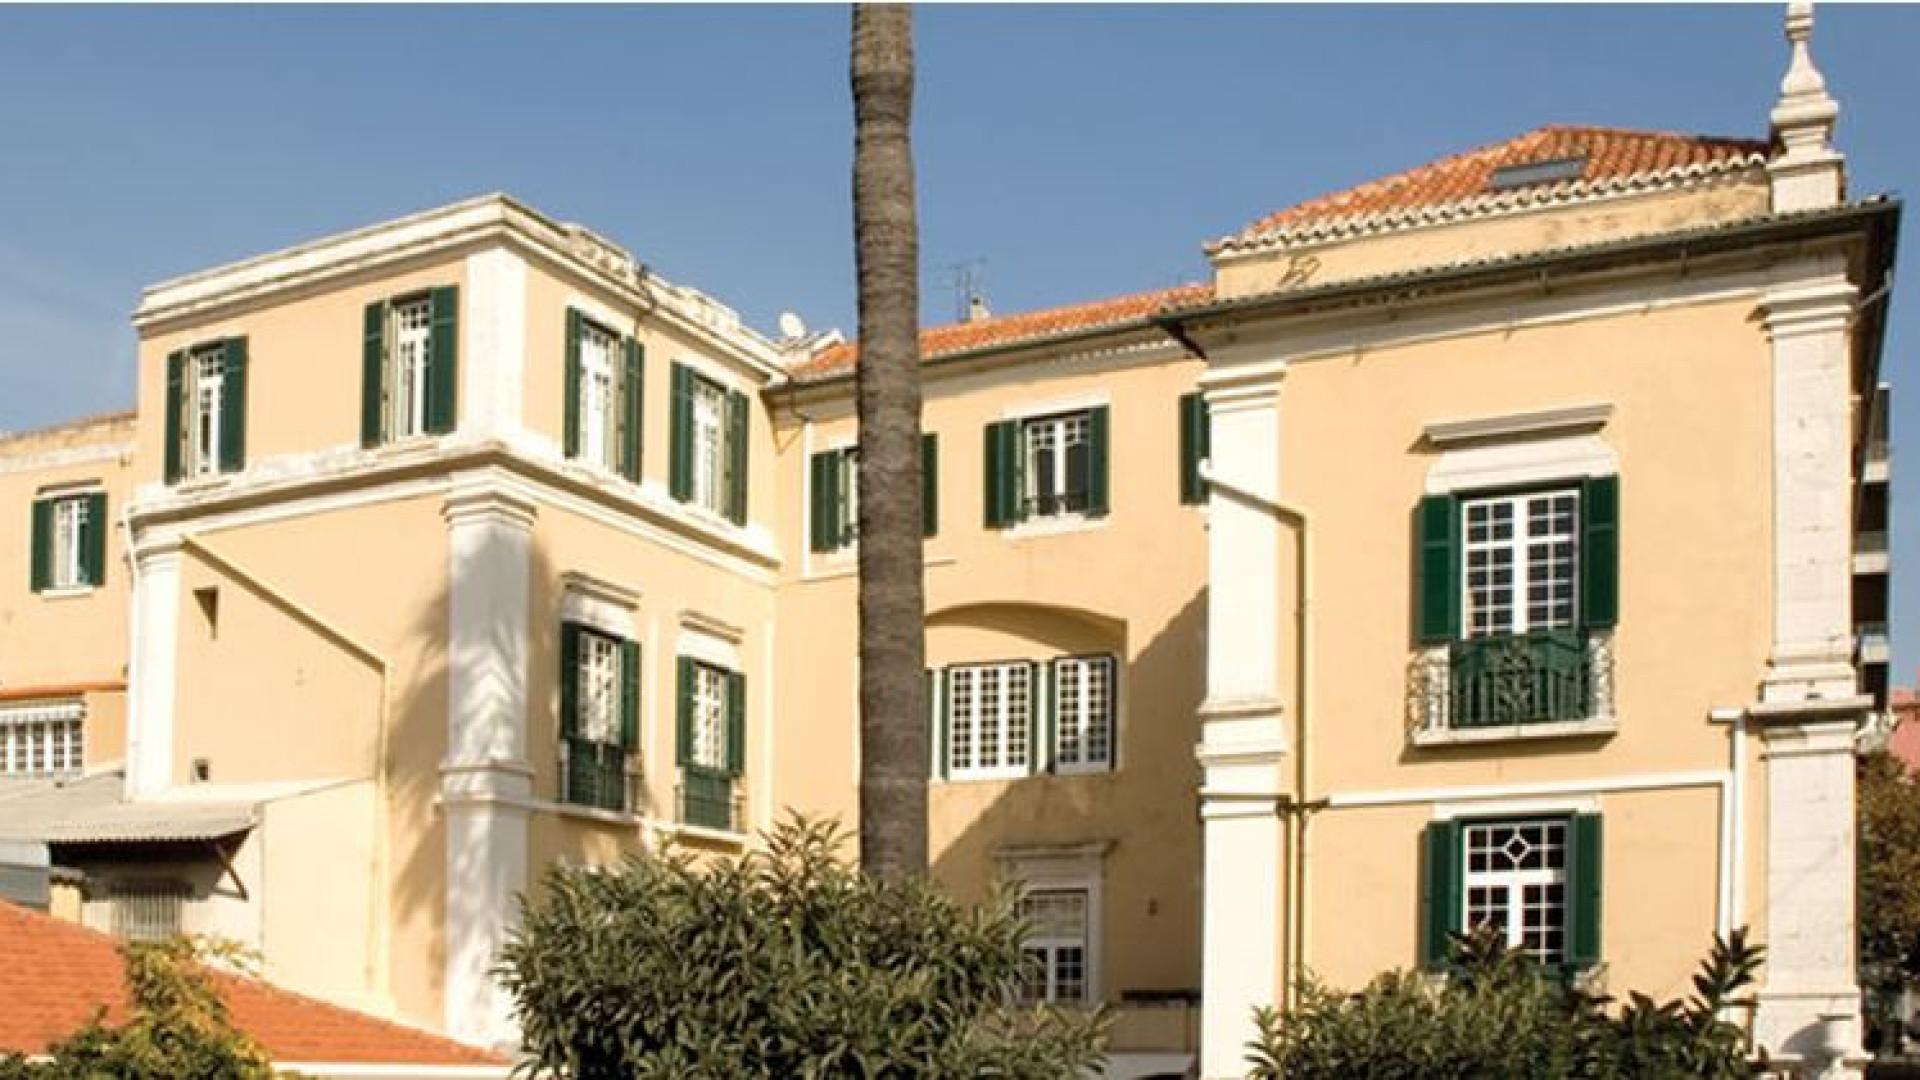 Universidade de Lisboa põe à venda Palácio Centeno... e pede 6,5 milhões